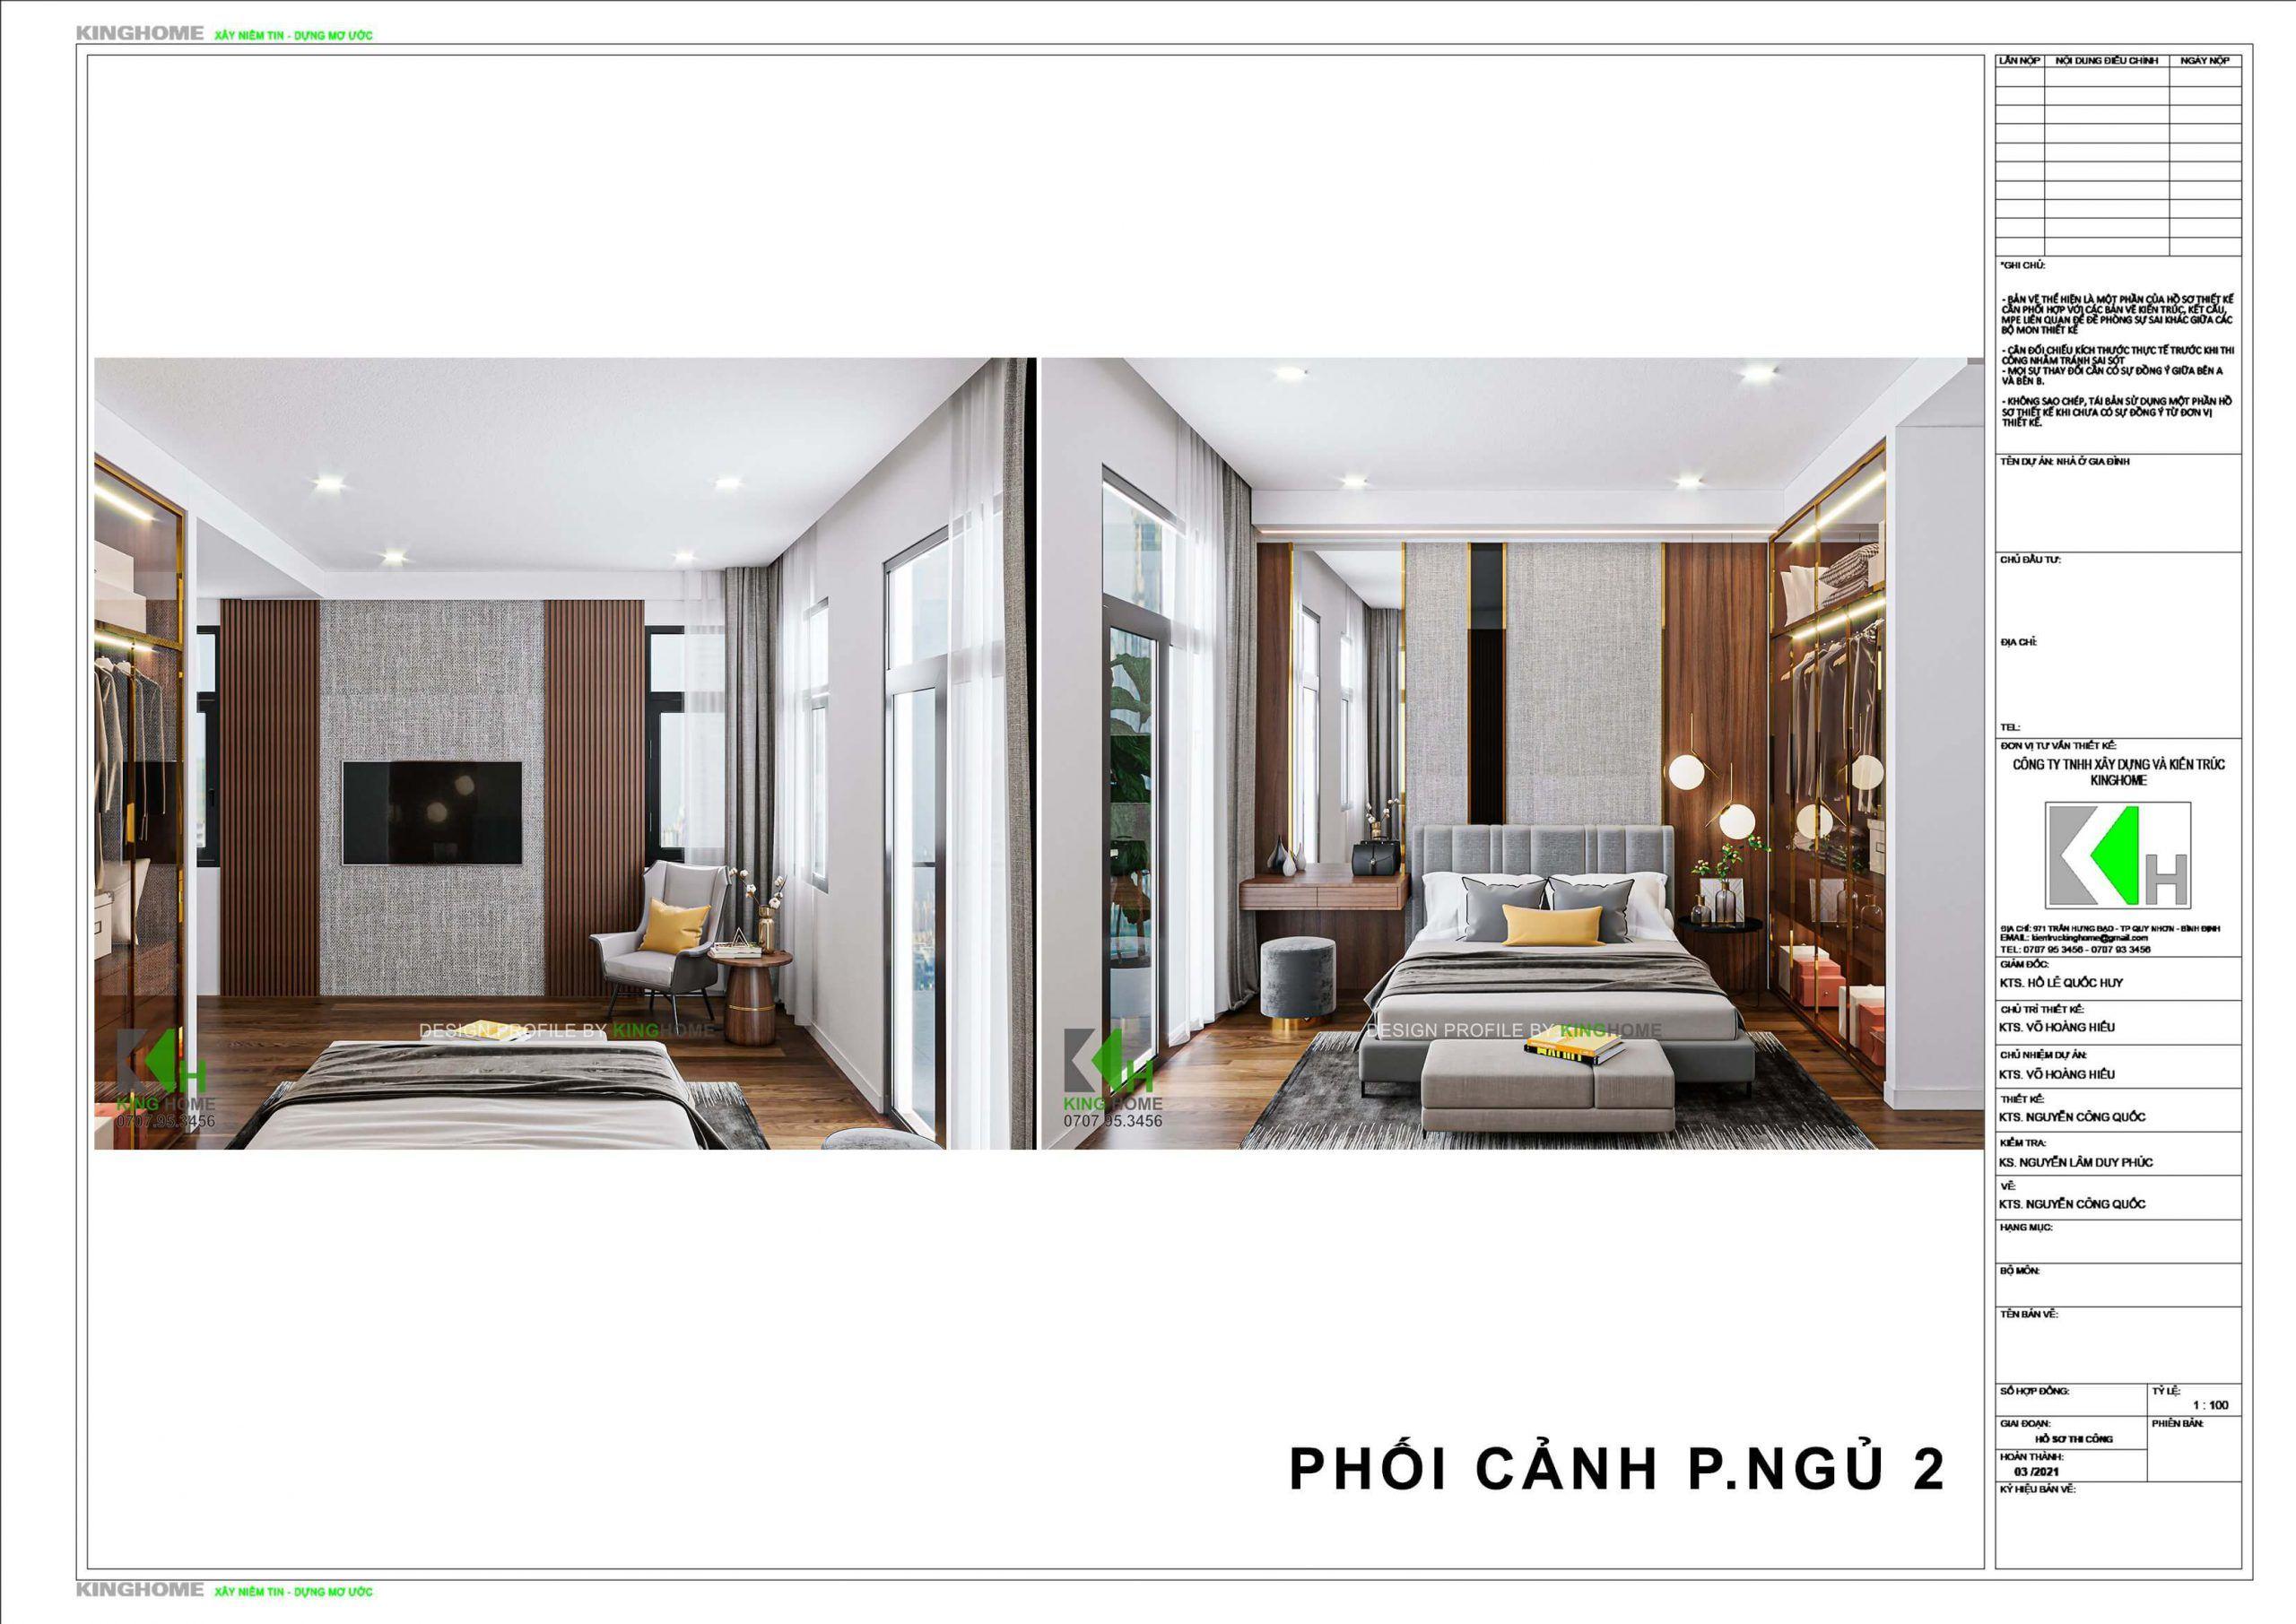 Nhà Anh Khoa - Nhà phố 2 tầng Mái Thái tiện nghi